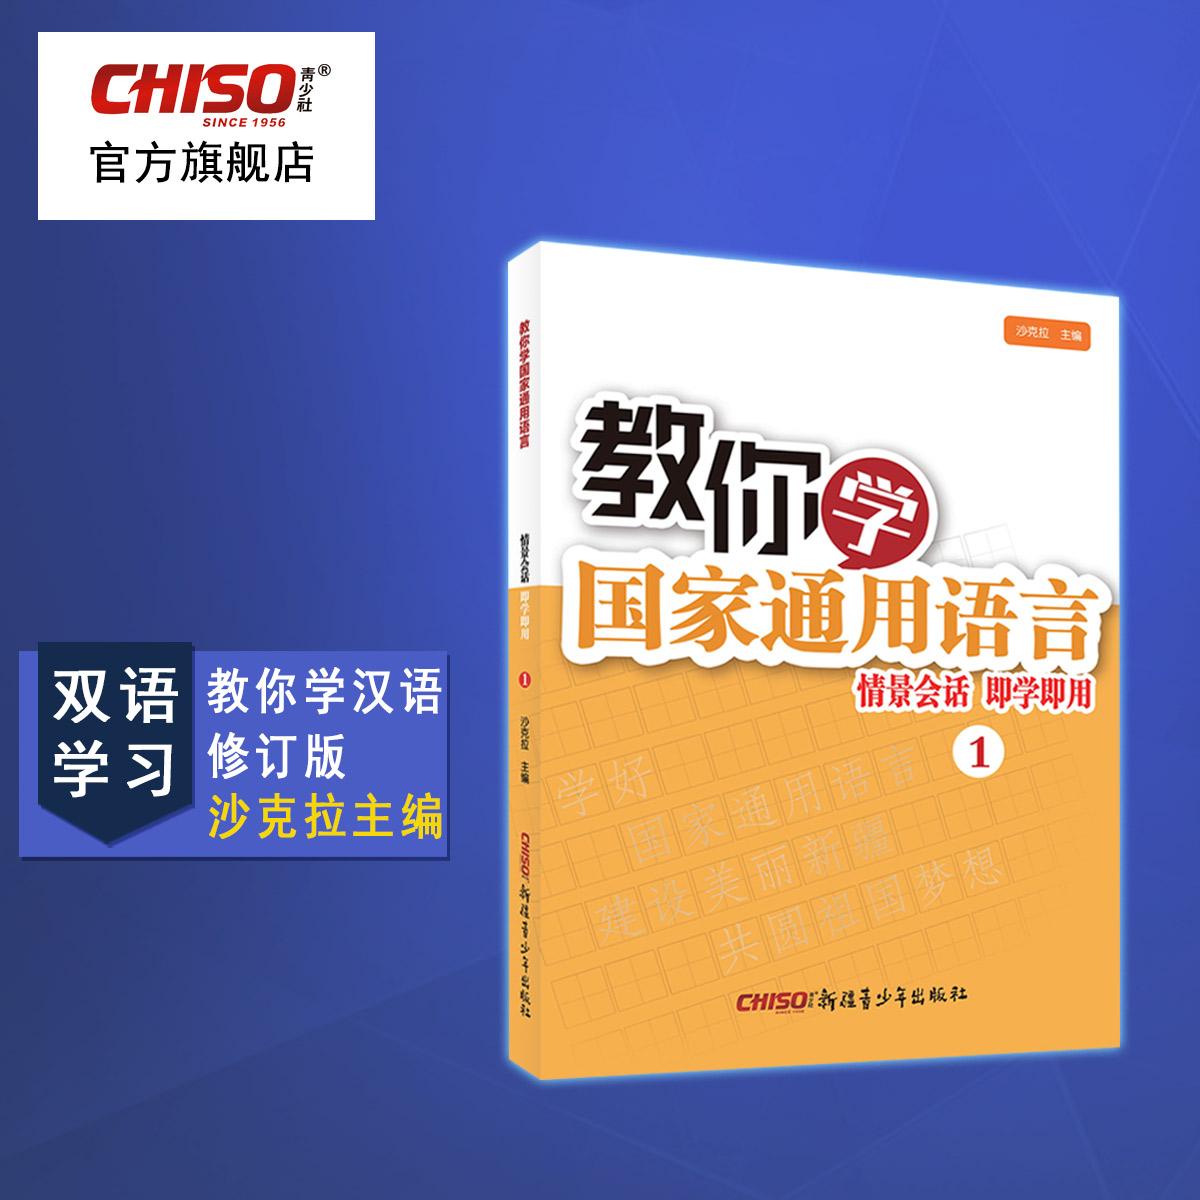 教你学国家通用语言情景对话即学即用1教你学汉语1维汉双语学习培训教材书籍新疆驻村工作夜校教学手册